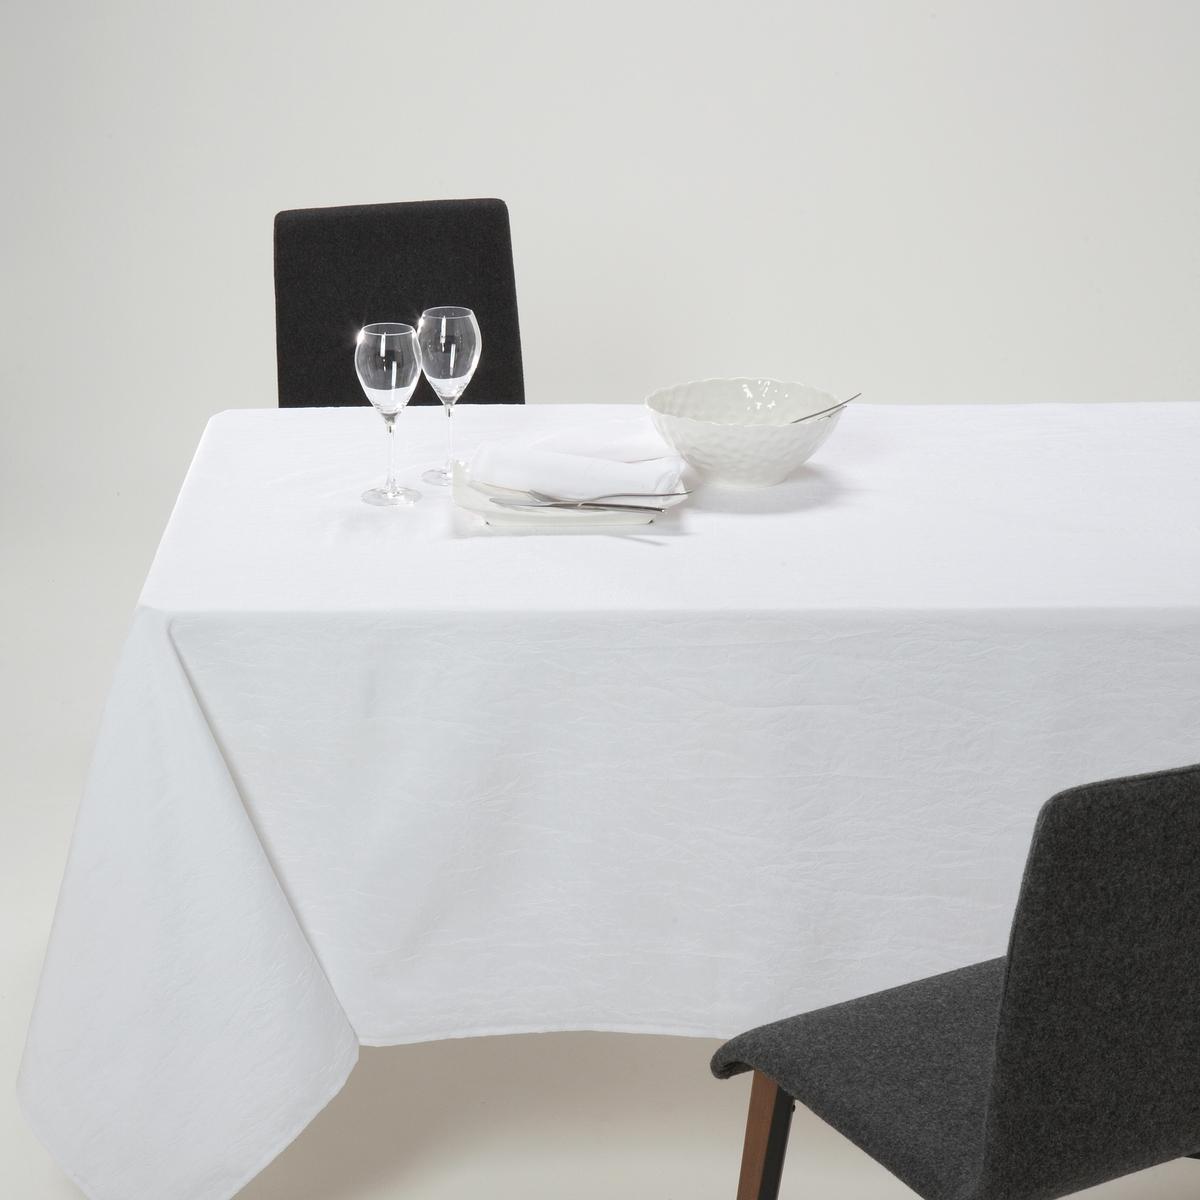 Скатерть CERYAS, из полиэстера с эффектом жатой ткани..Скатерть CERYAS, из полиэстера с эффектом жатой ткани. Скатерть украсит Ваш стол, она проста в уходе: полиэстер с эффектом жатой ткани высыхает за 5 минут и не требует глажки!Характеристики:Материал: 100% полиэстера.Уход: машинная стирка при 40°С.Отделка: подрубленный край с прострочкойВысыхает за 5 минут. Не гладитьРазмеры:- 150 x 150 см- 150 x 200 см   - 150 x 250 см    - 180 x 235 см    (овальная)- 180 x 285 см      (овальная)Есть и круглая скатерть диаметром 180 см на сайте la Redoute.ru.<br><br>Цвет: антрацит,белый,красный,серо-коричневый каштан,Серо-синий,серый,экрю<br>Размер: 150 x 250  см.150 x 300.150 x 250  см.150 x 150  см.150 x 200  см.150 x 300.150 x 150  см.180 x 235 см.180 x 235 см.180 x 285 см.180 x 235 см.180 x 285 см.180 x 235 см.150 x 300.150 x 300